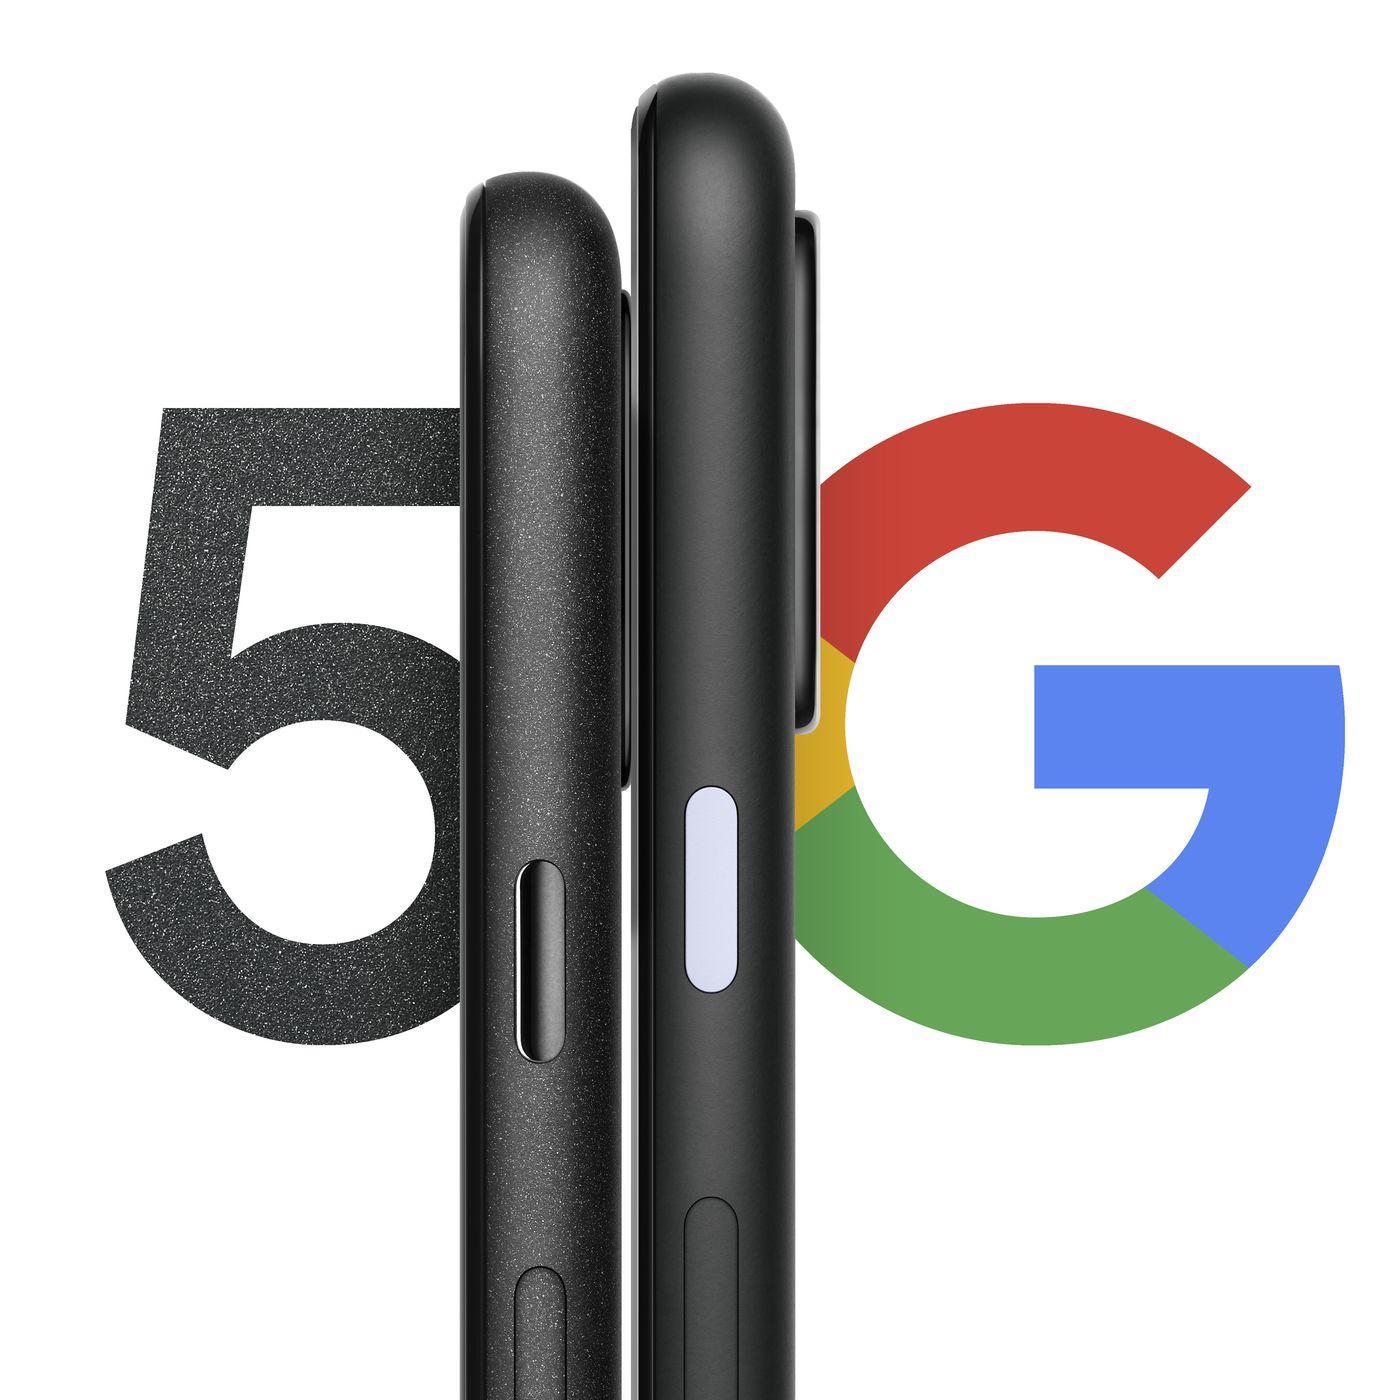 30 сентября Google выпустит Pixel 5, новый Chromecast и многое другое (5g pre announce 1)